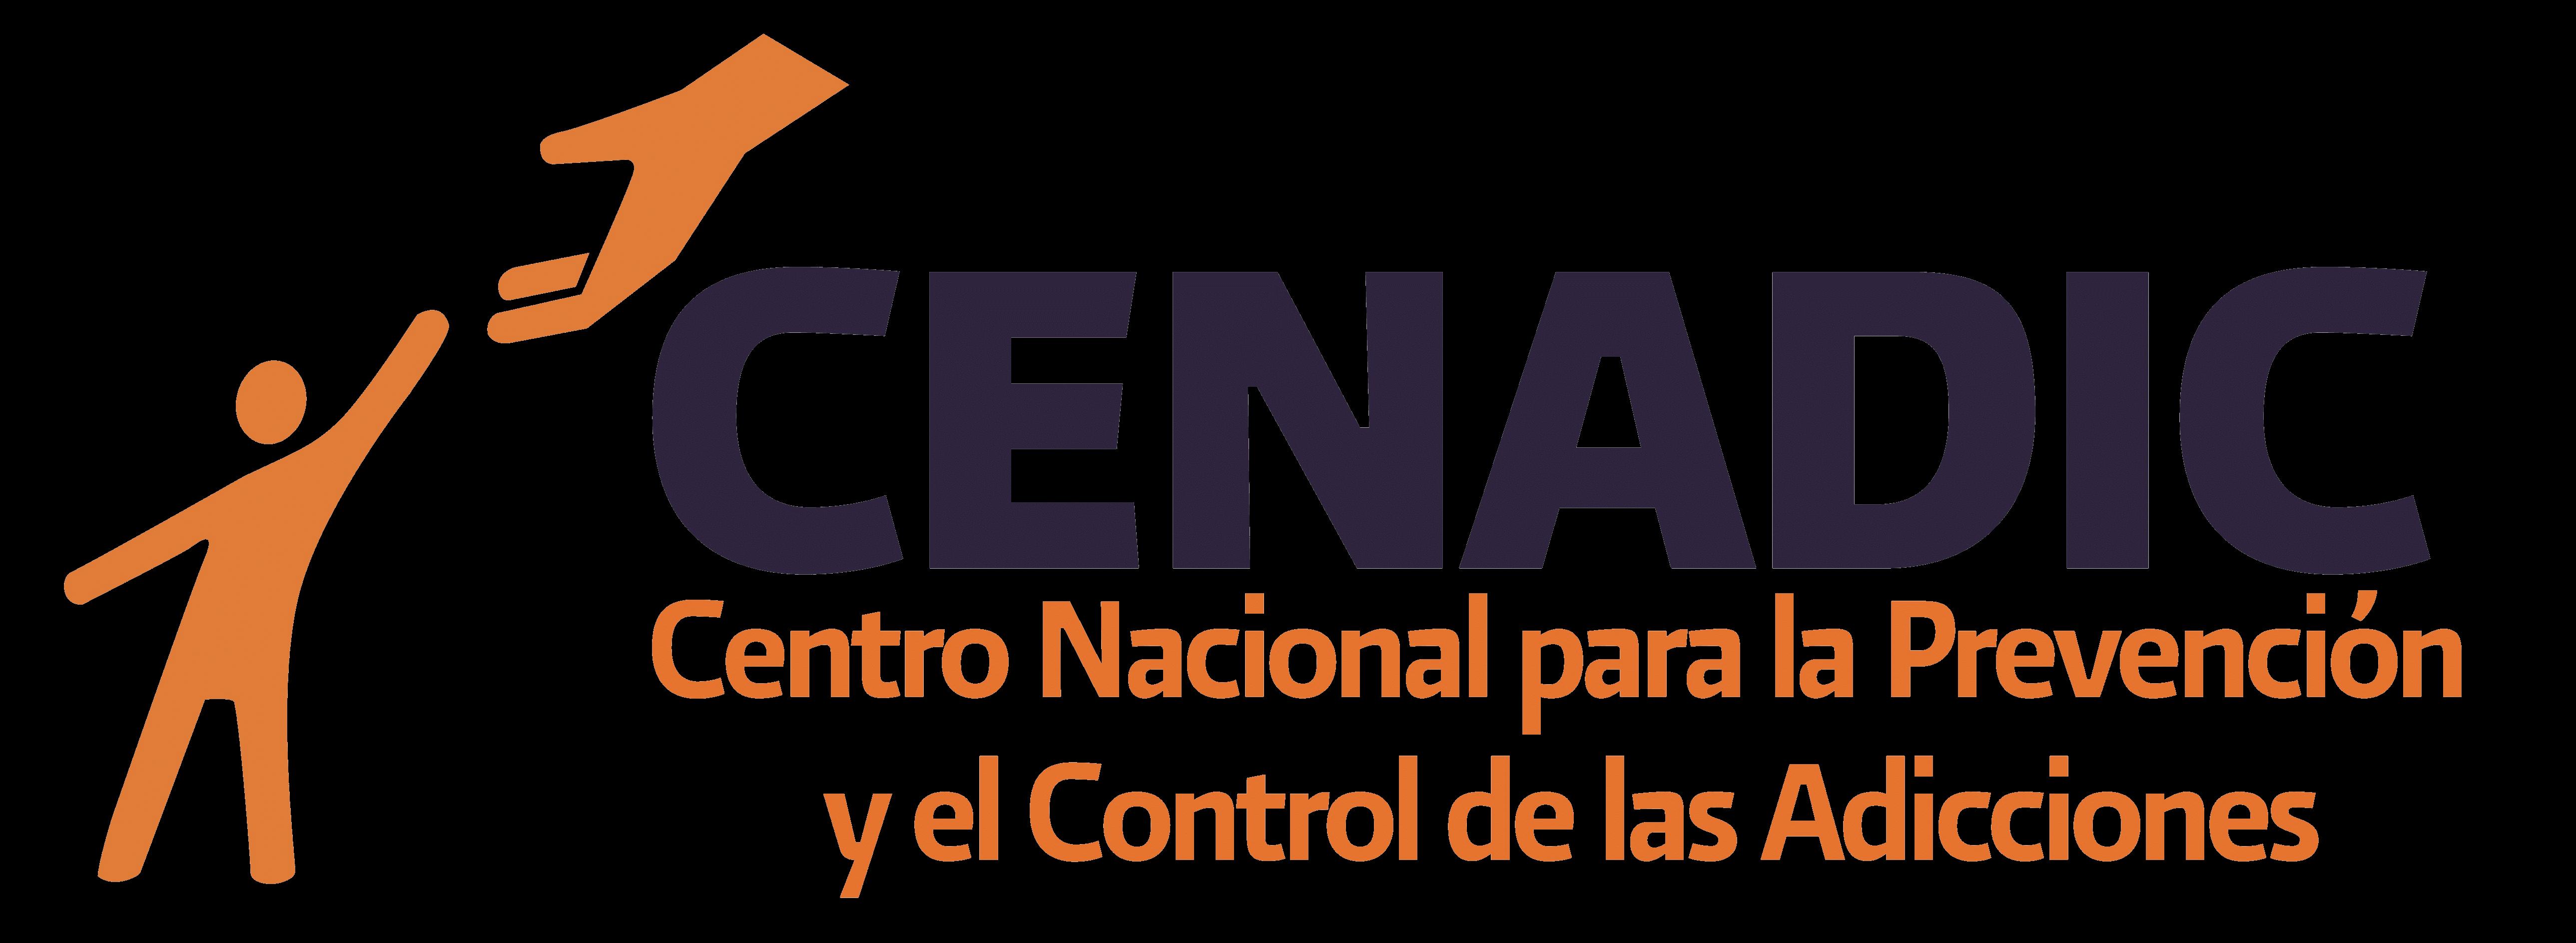 Centro nacional para la prevenci 243 n y el control de las adicciones